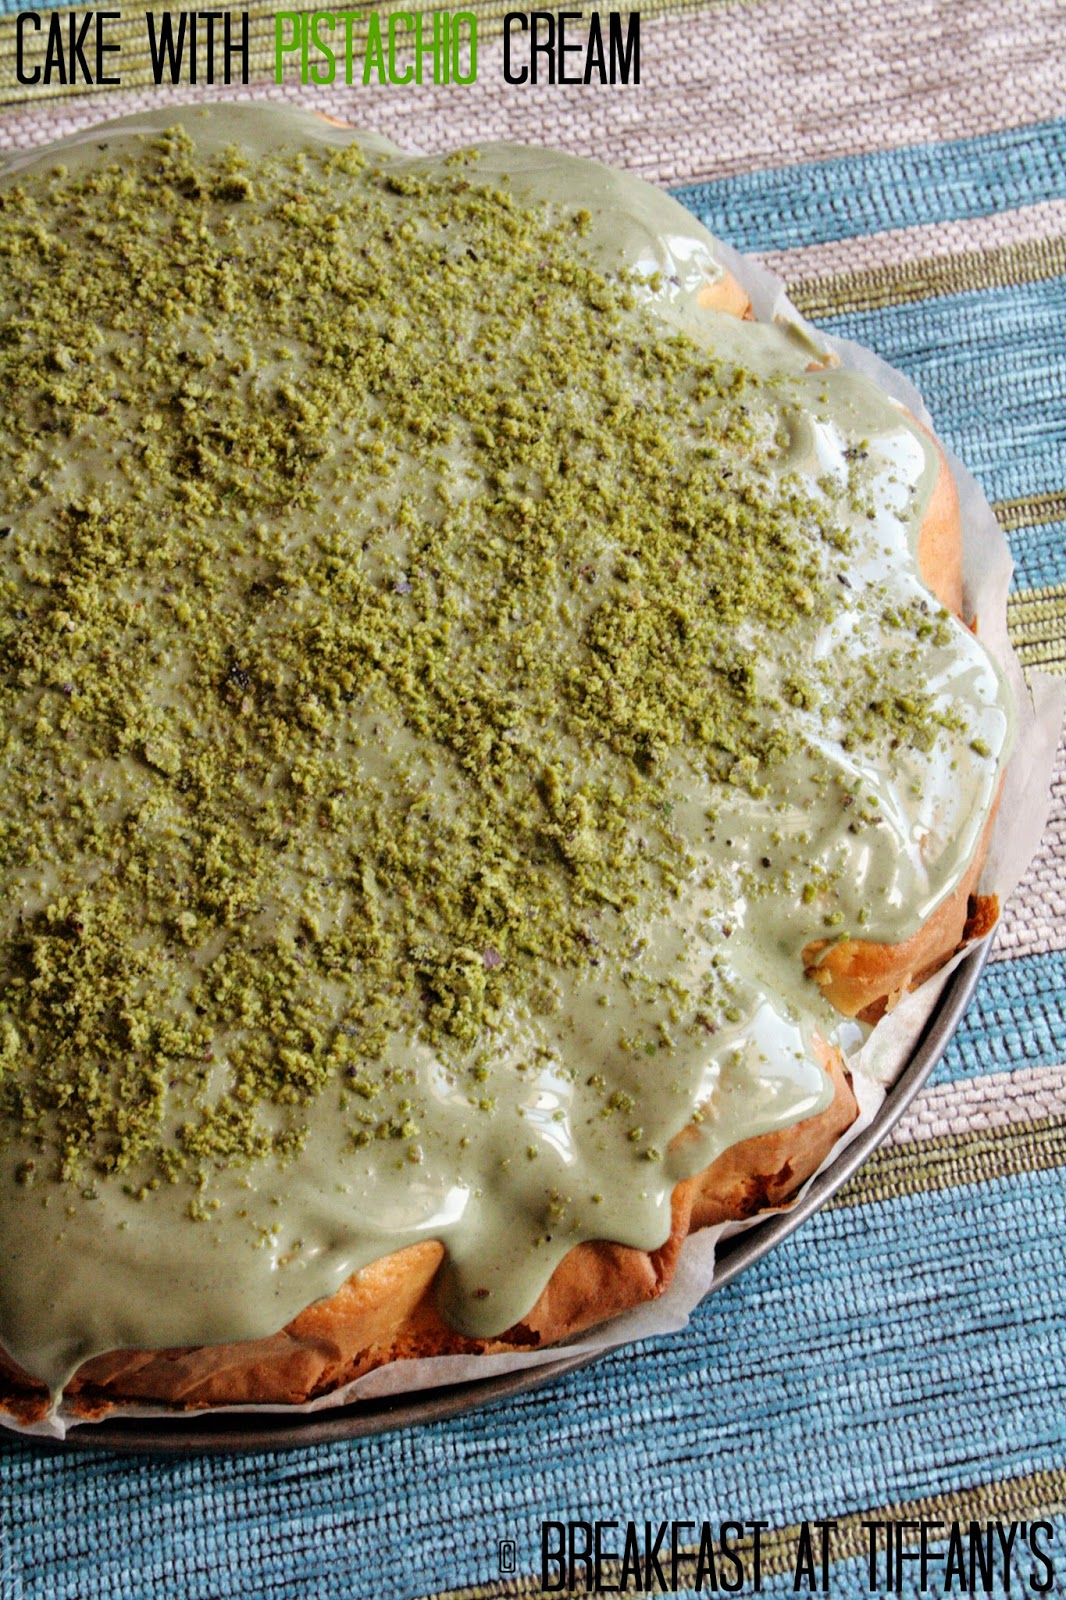 torta con crema di pistacchio / cake with pistachio cream